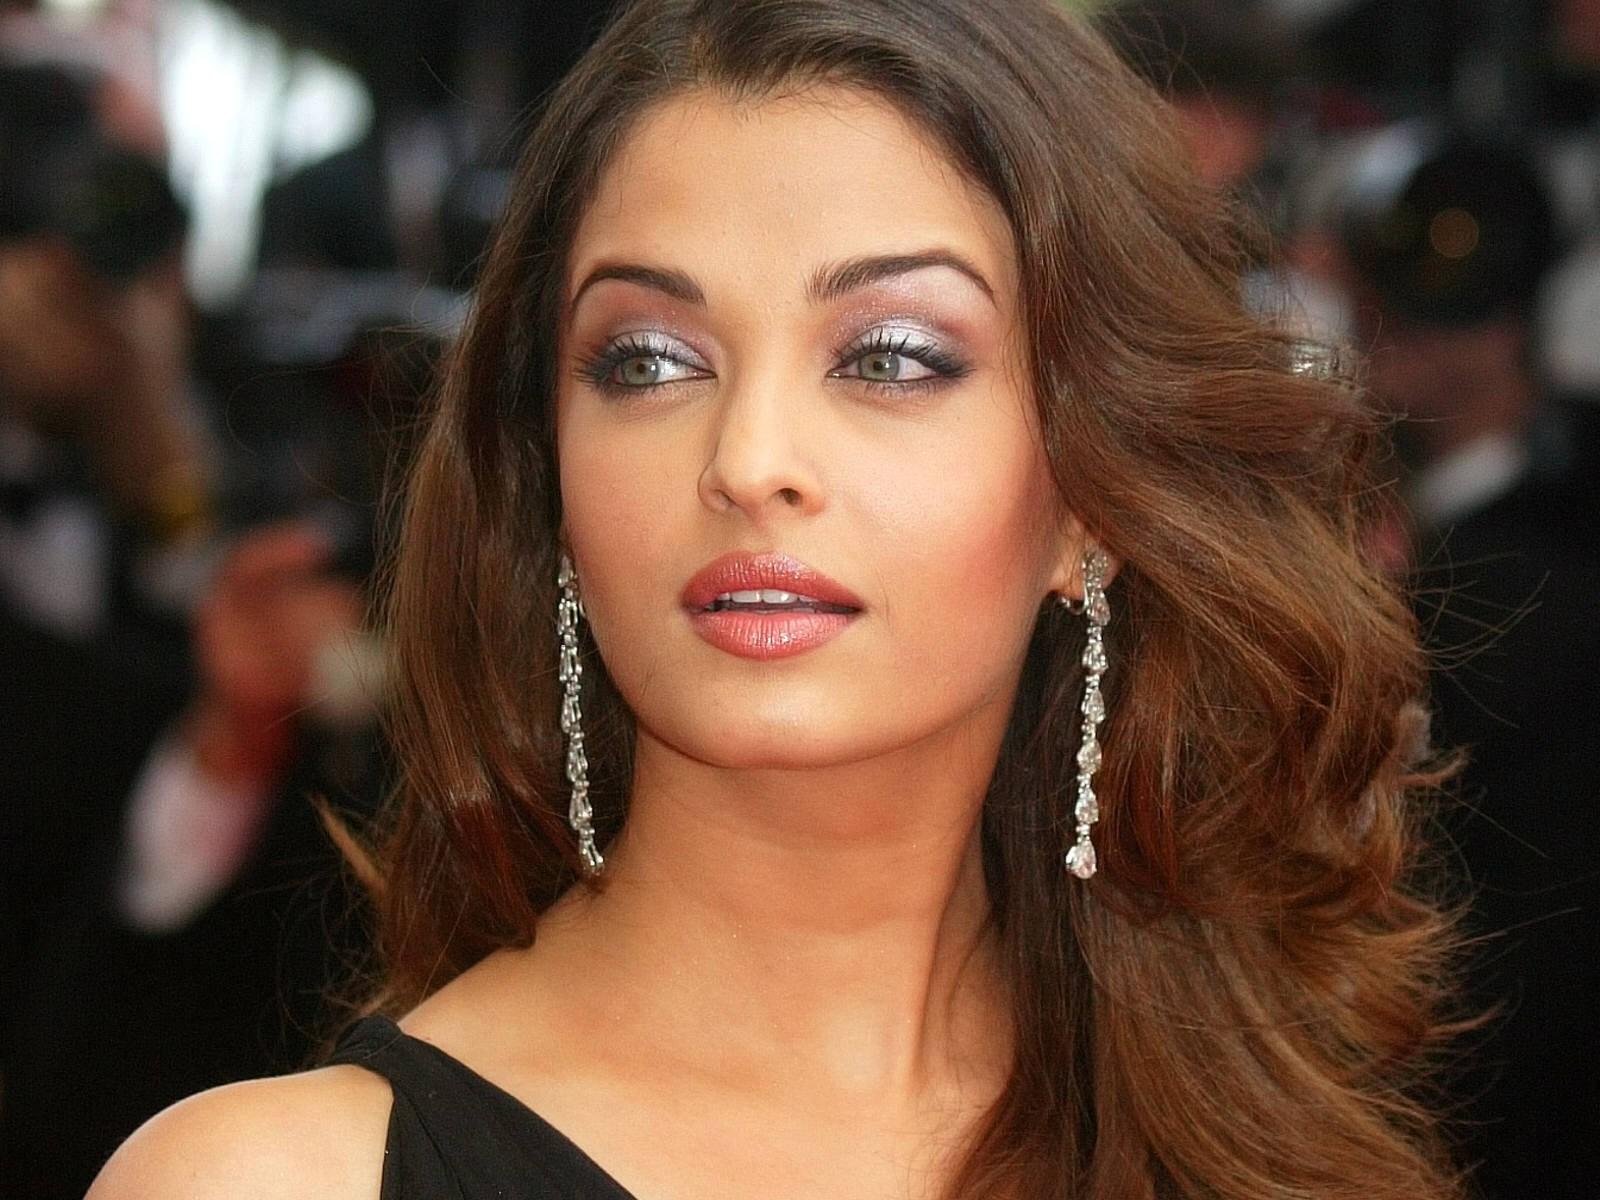 http://4.bp.blogspot.com/_mynl9olmoFA/TRHMqvCSAJI/AAAAAAAABxc/tDvdmOSUexM/s1600/-aishwarya-7.jpg